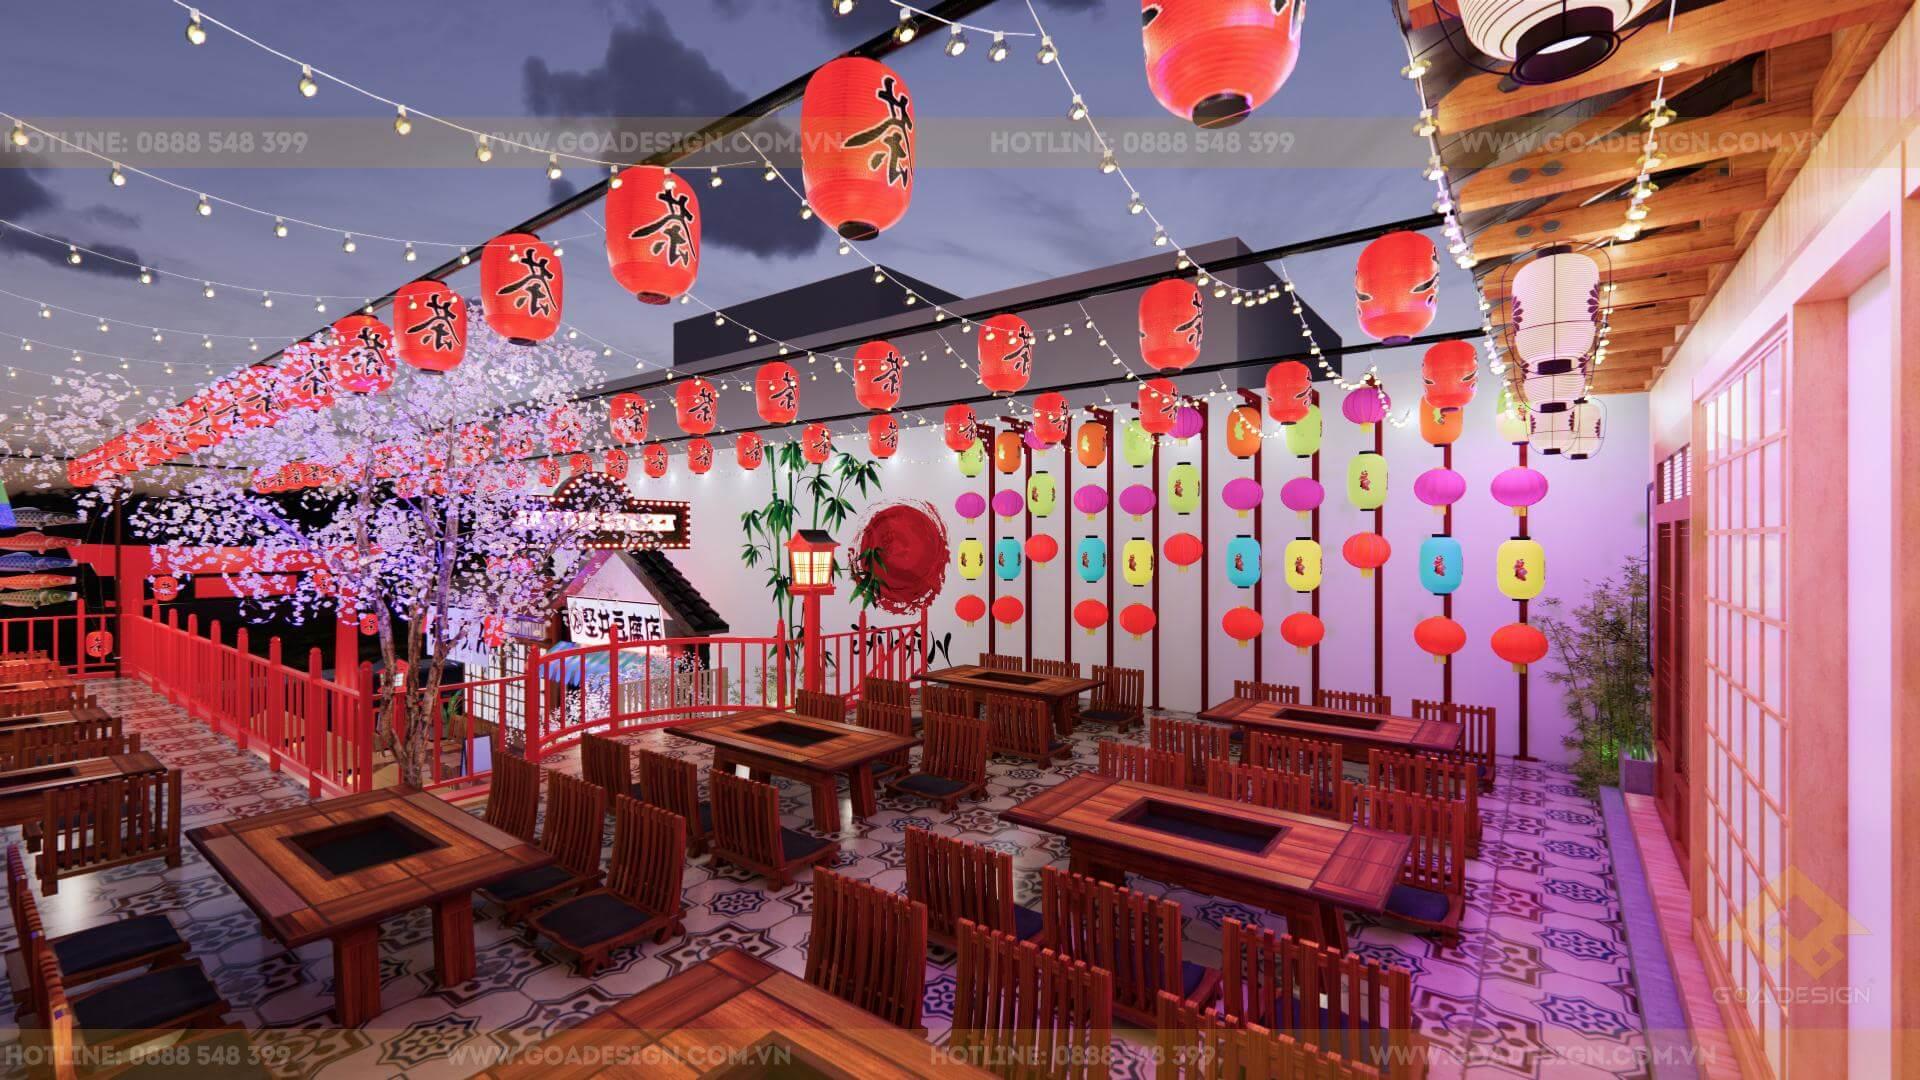 GOADESIGN Tư vấn thiết kế thi công phim trường chụp ảnh-concept Nhật Bản (6)